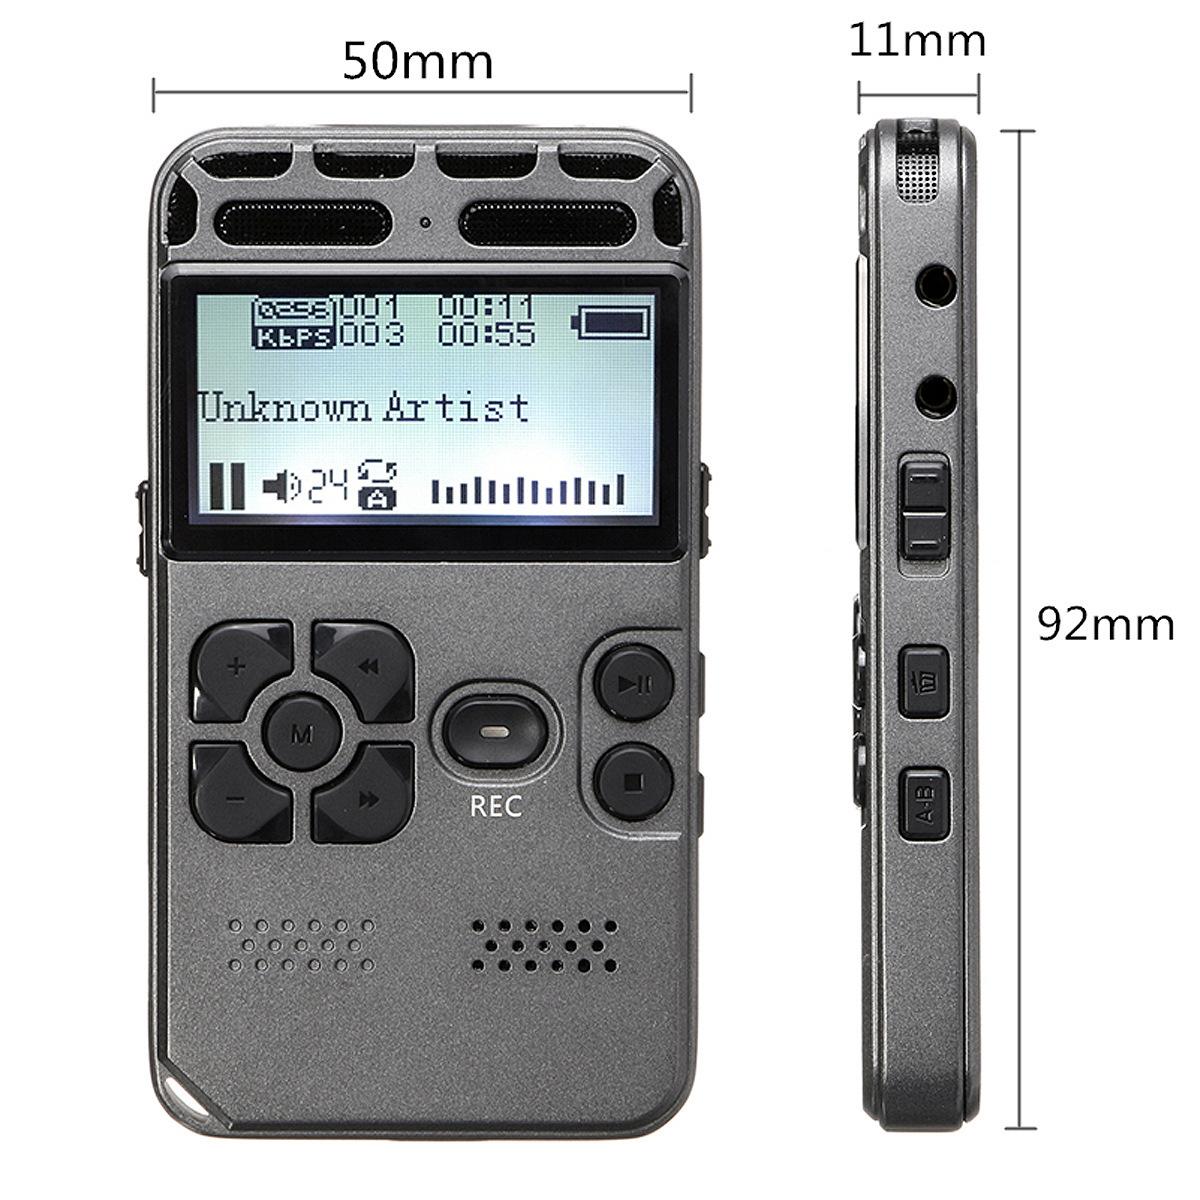 TAIDU Máy ghi âm Giảm giá xuyên biên giới Màn hình LCD 8GB Hiển thị HD Giảm tiếng ồn thông minh Máy